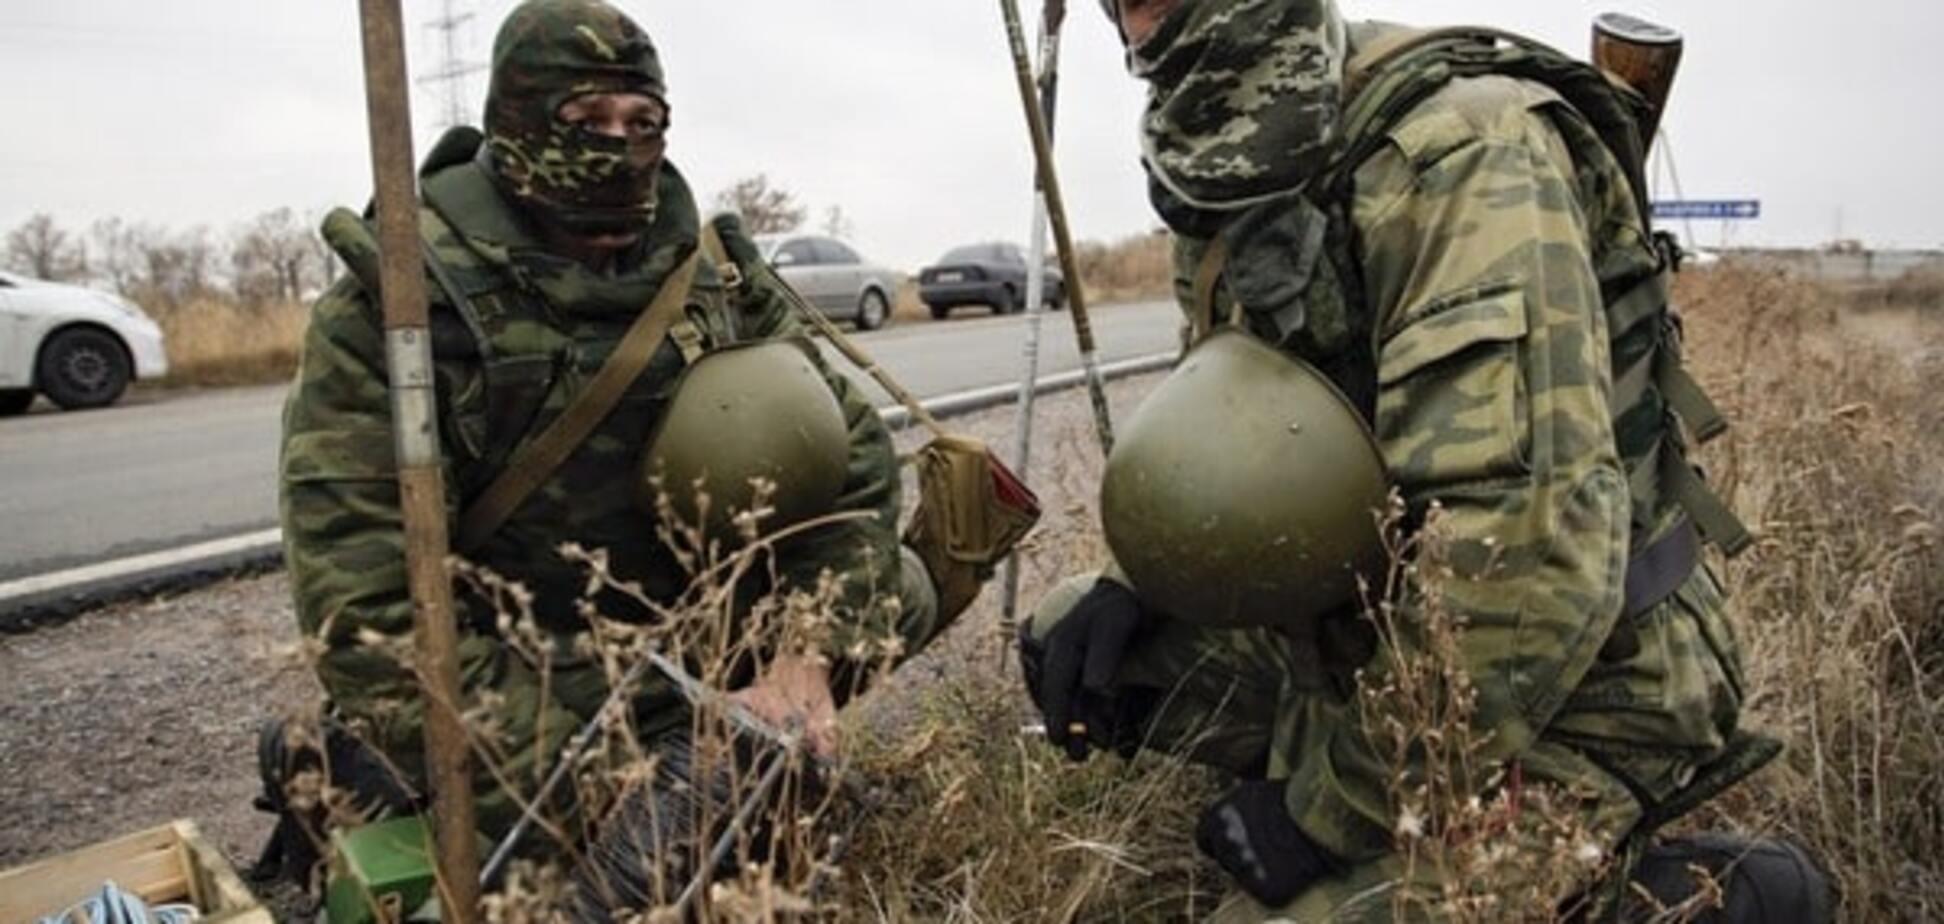 Бойовики 'ДНР' лякають один одного міфічними польськими снайперами й американськими інструкторами